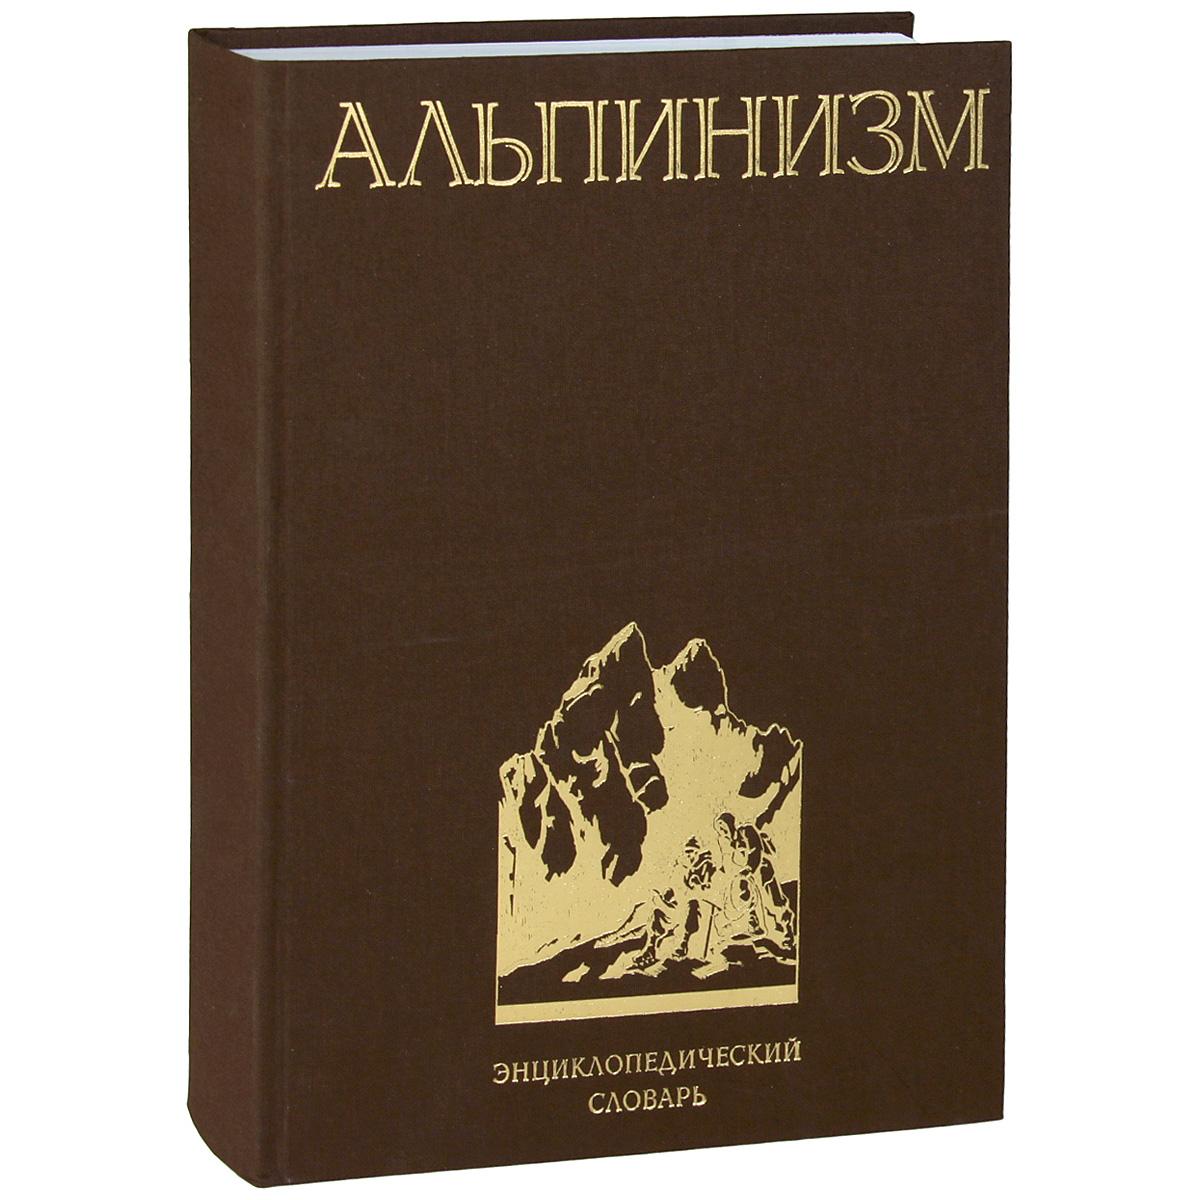 П .П. Захаров, А. И. Мартынов, Ю. Г. Жемчужников Альпинизм. Энциклопедический словарь